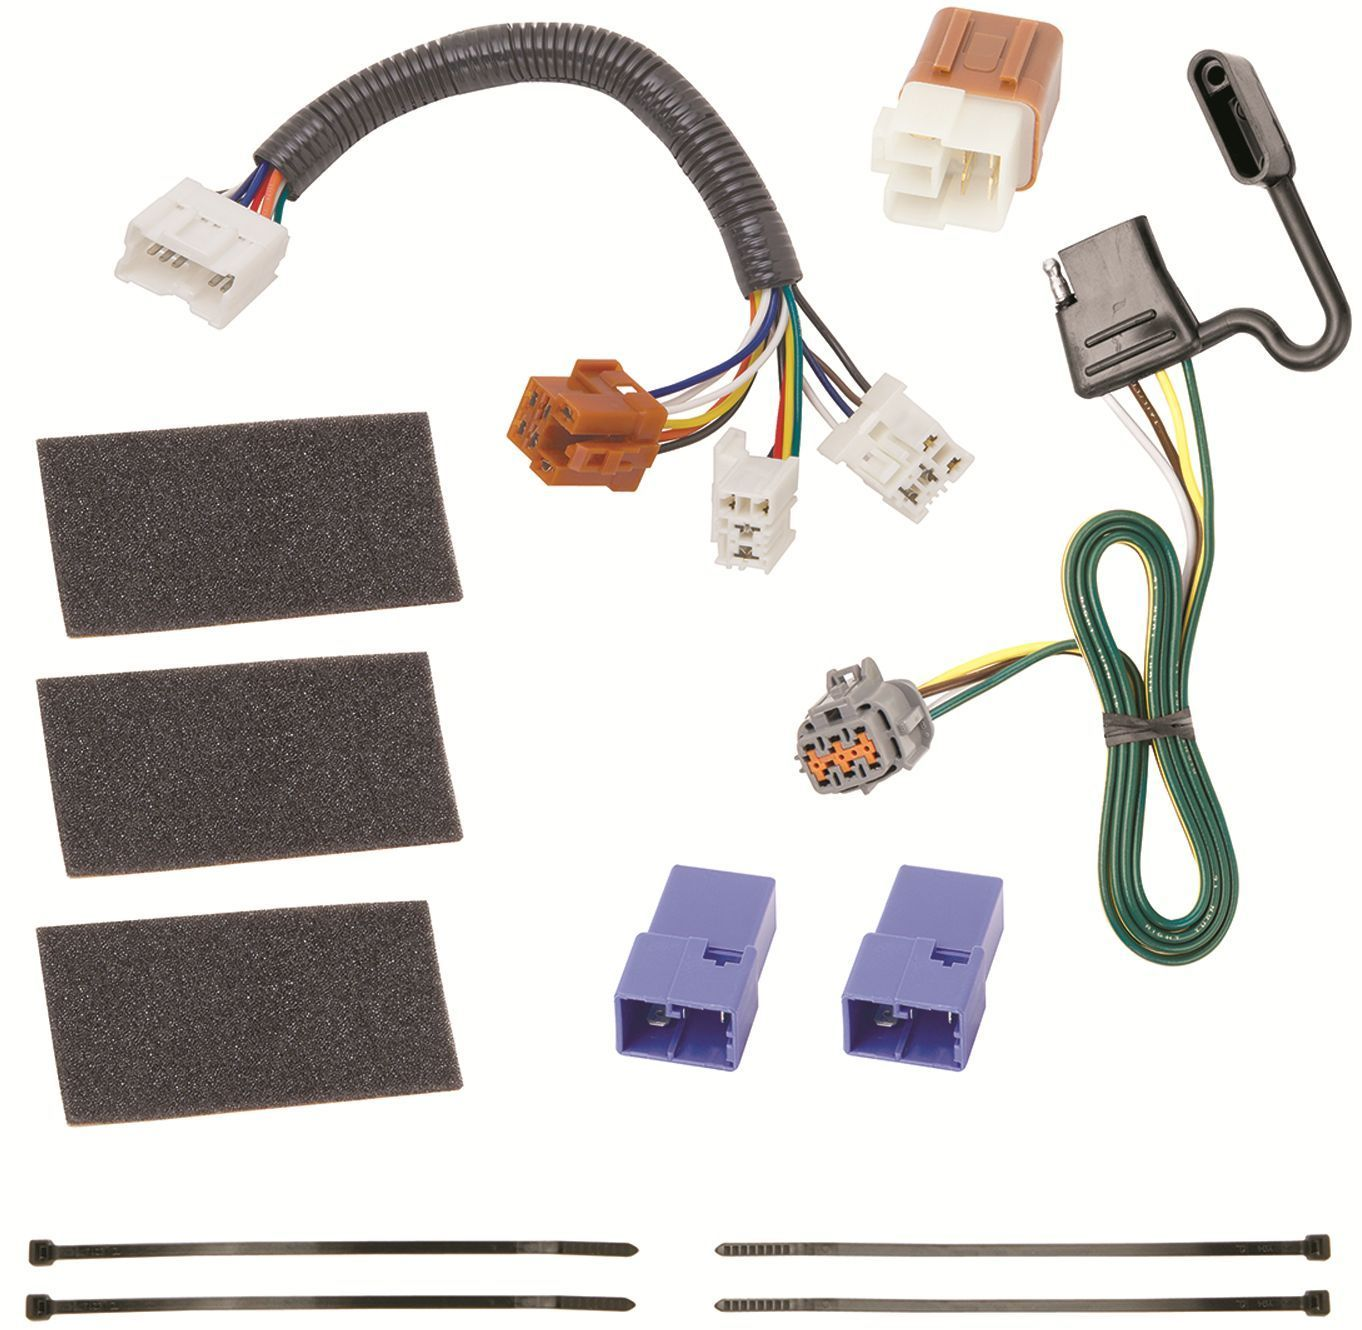 2009-2012 suzuki equator trailer hitch wiring kit harness ... 2012 suzuki equator trailer wiring